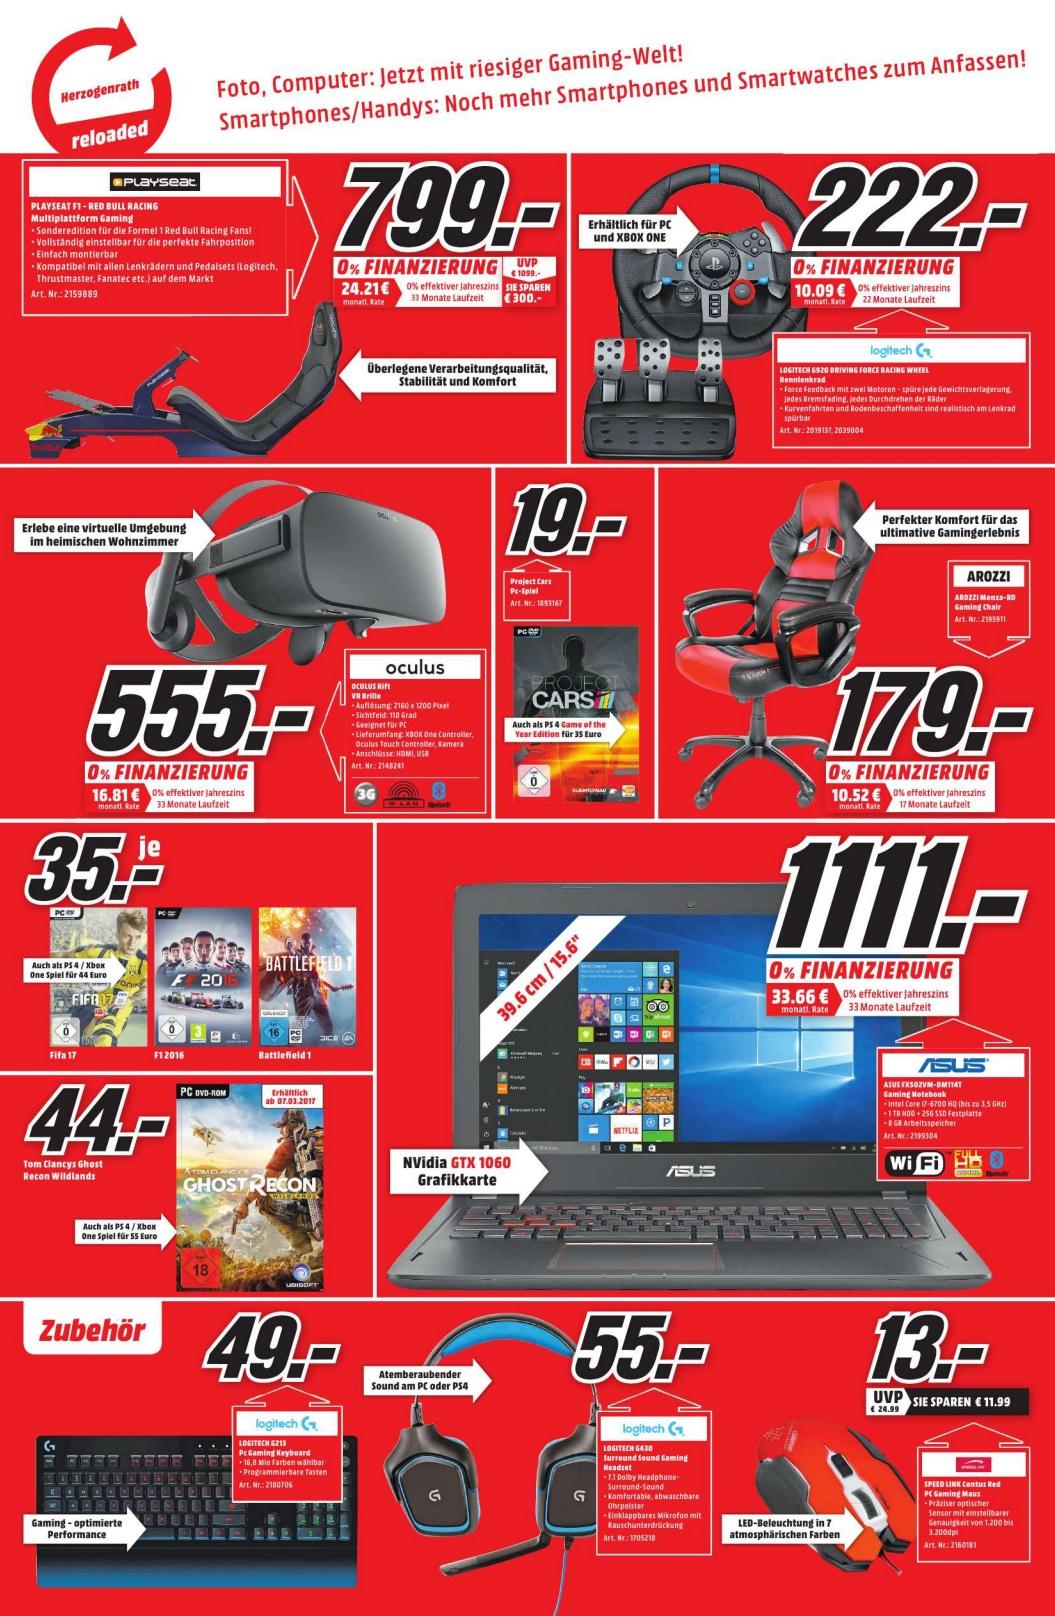 Lokal Media Markt Herzogenrath Oculus Rift 555€